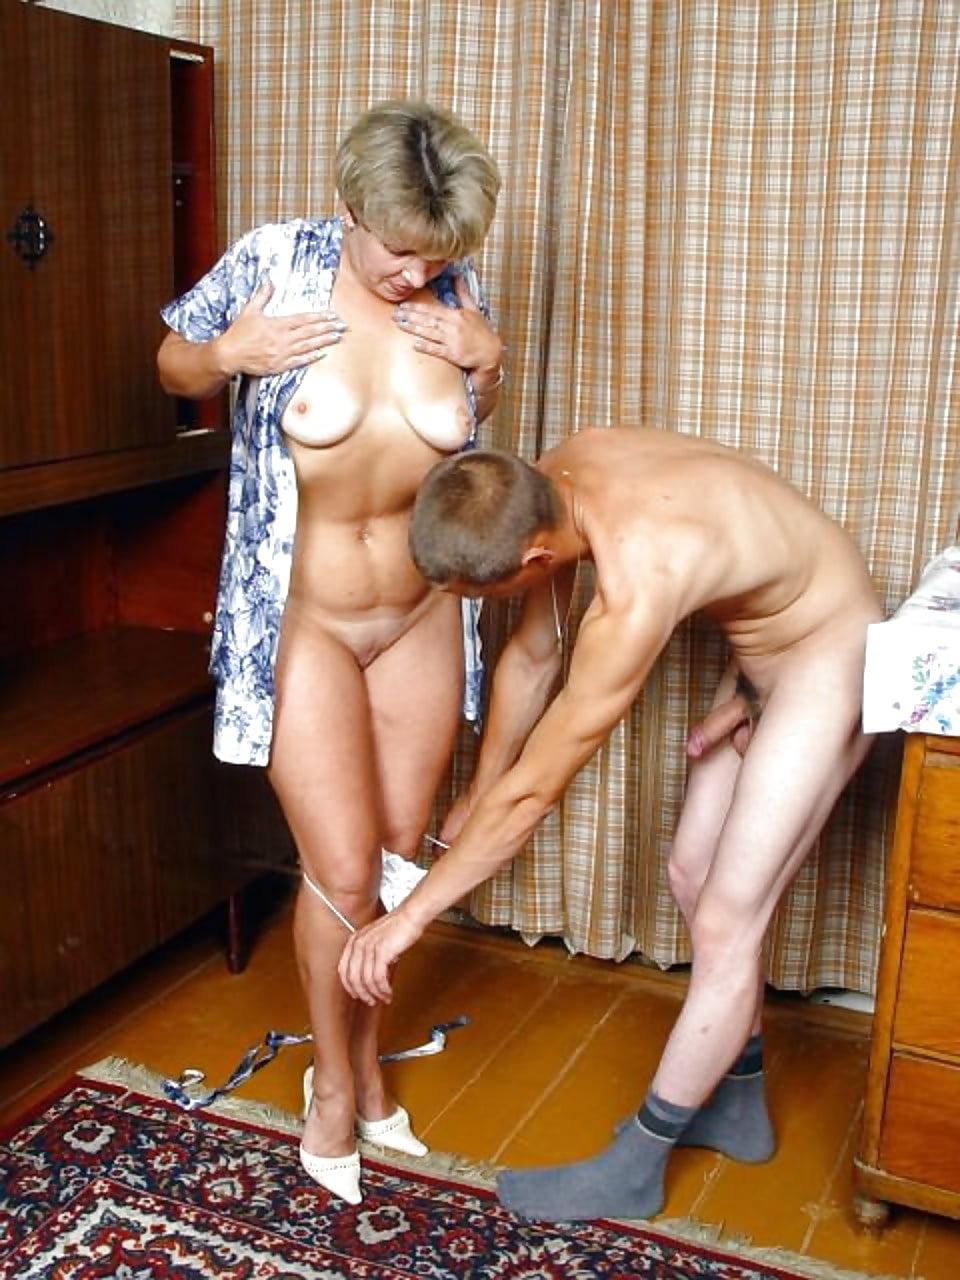 Трахнул тетю в халате, немецкое порно толпой одну пожилую в чулках